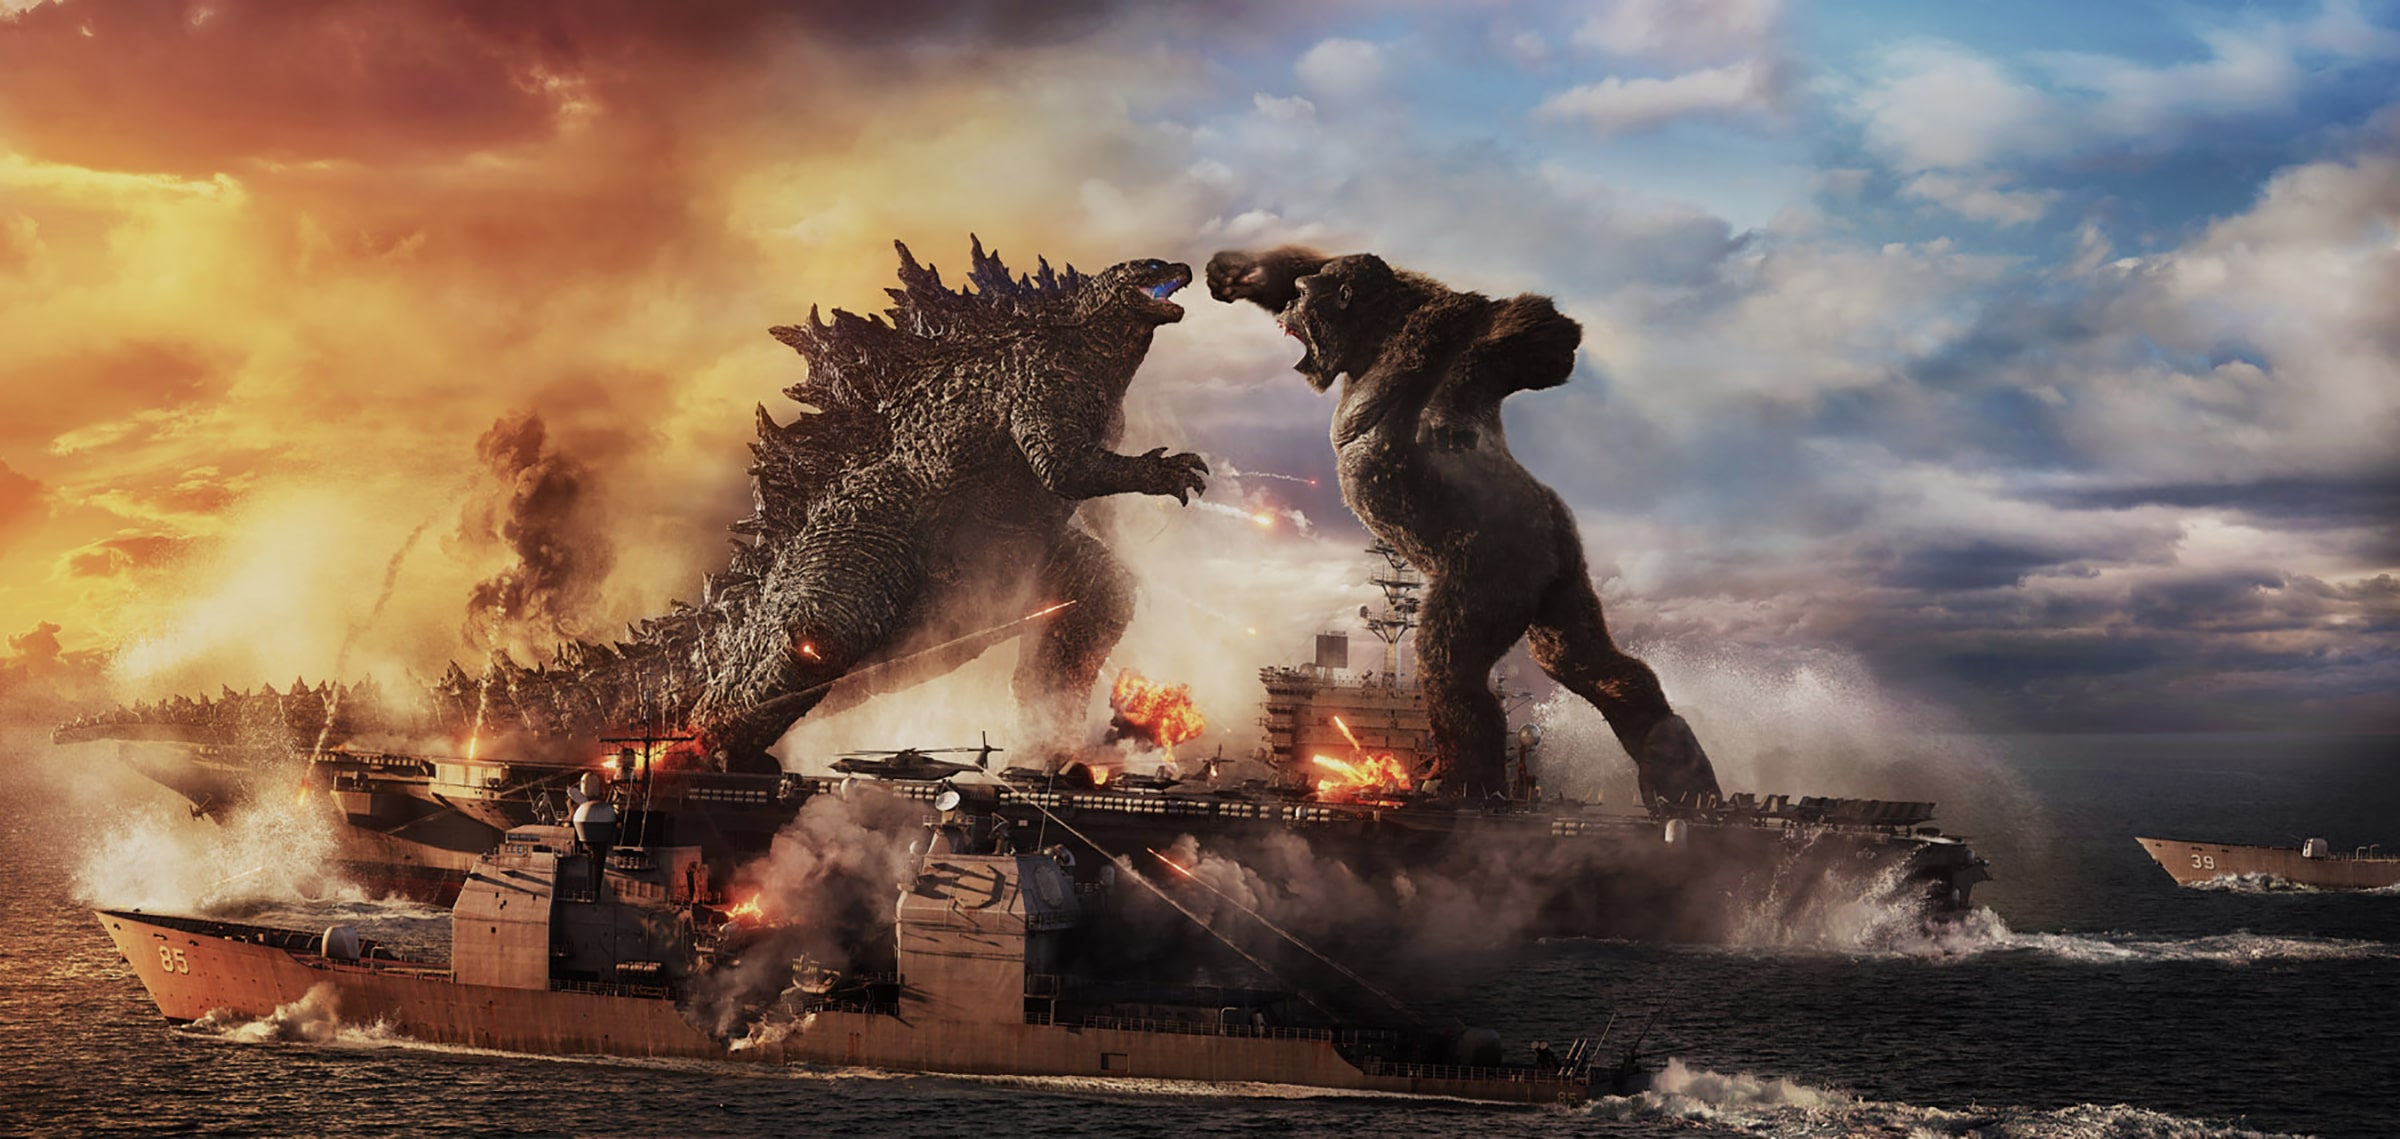 Godzilla vs. Kong Credit: Warner Bros. Pictures